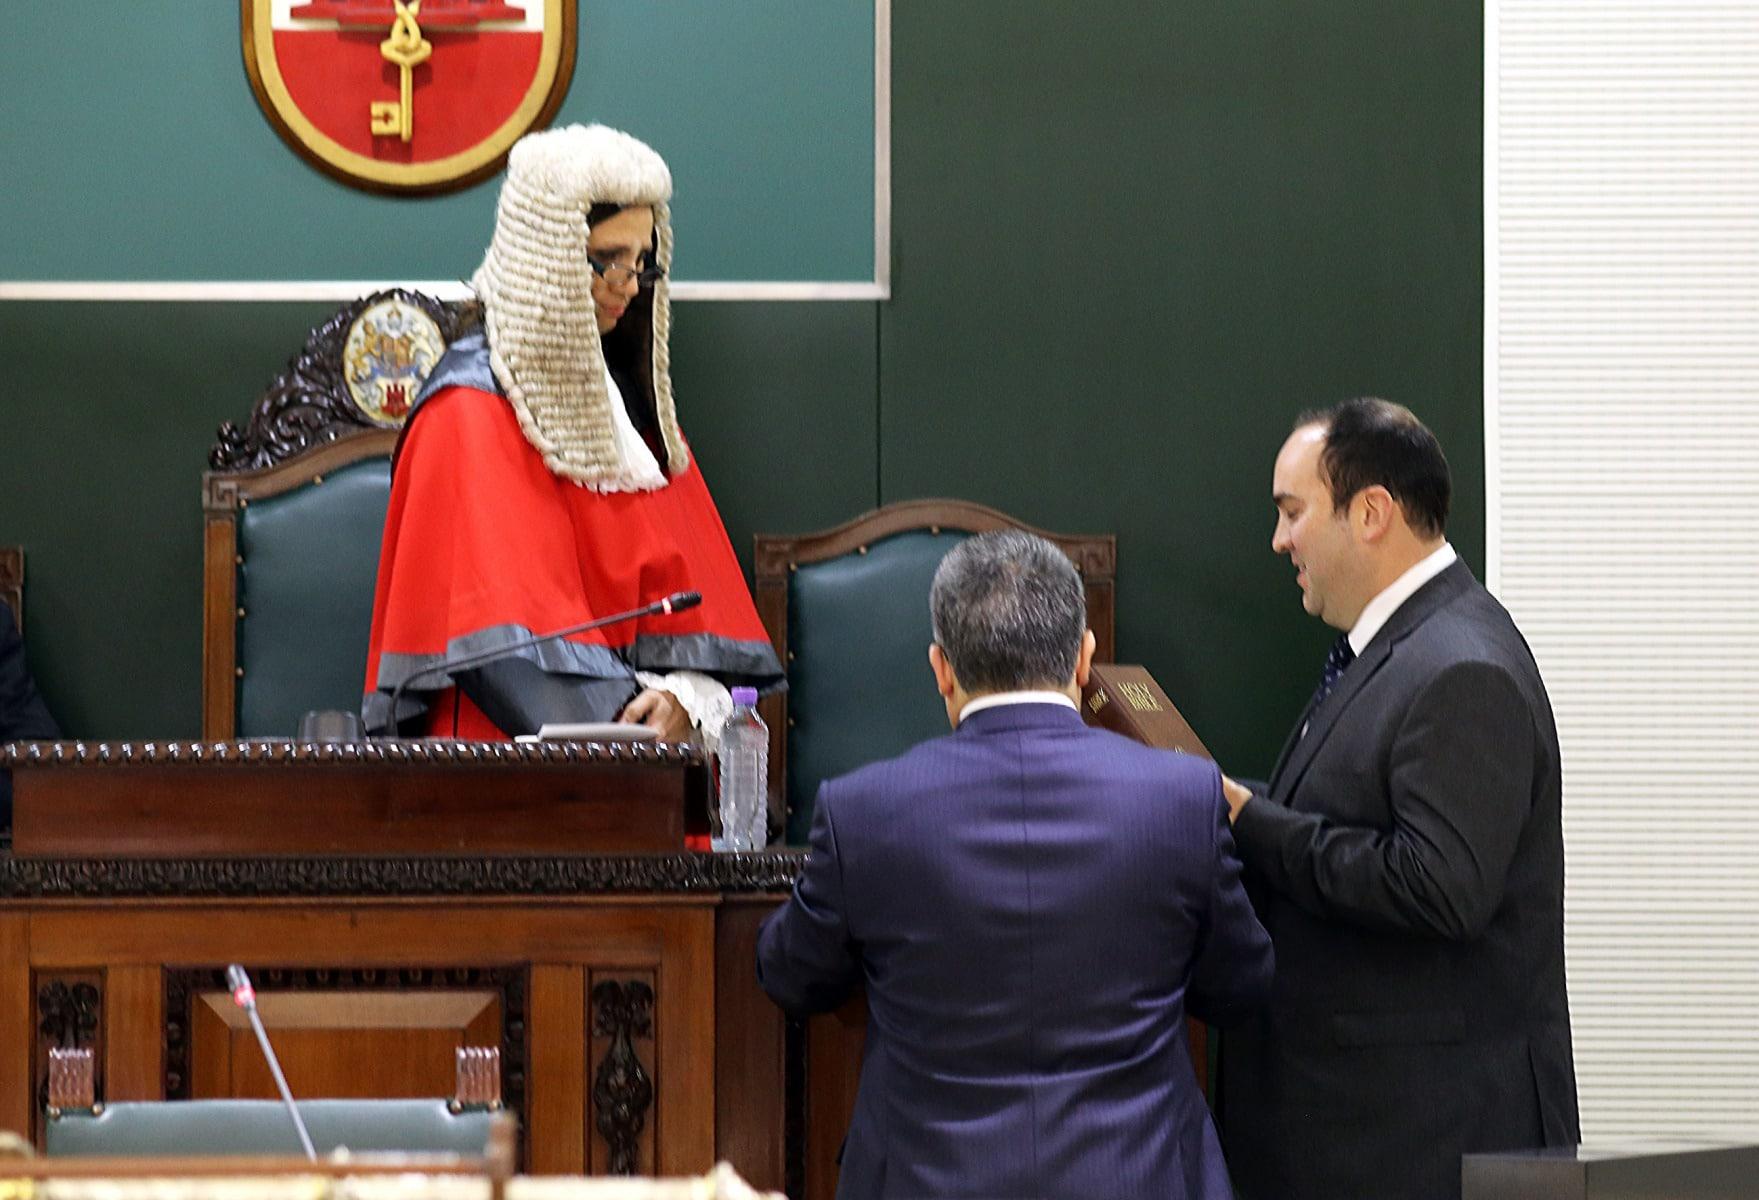 9-de-diciembre-de-2015-ceremonia-inaugural-del-nuevo-parlamento-de-gibraltar_23338457800_o